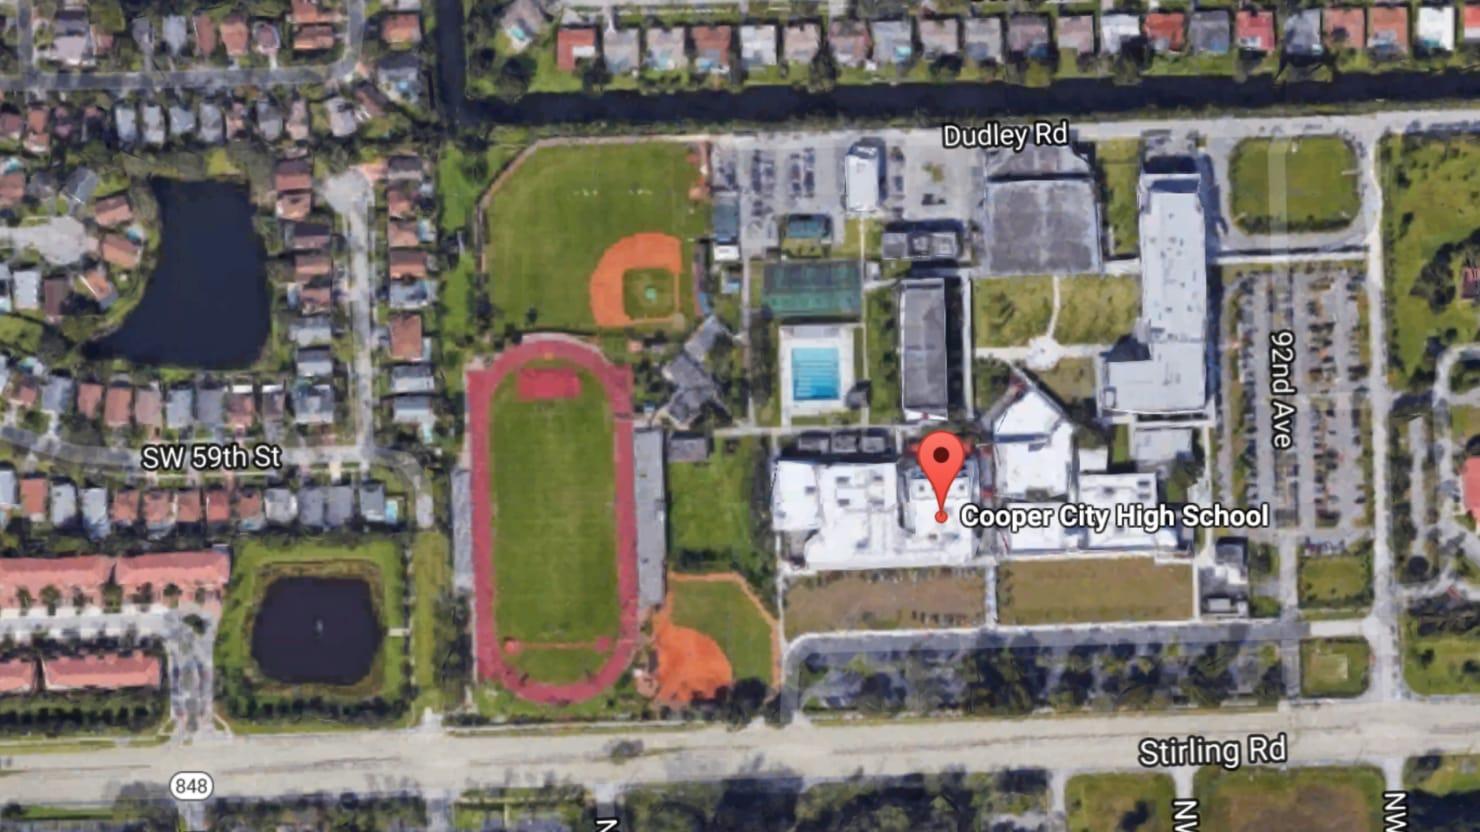 Cooper City High School Hazing